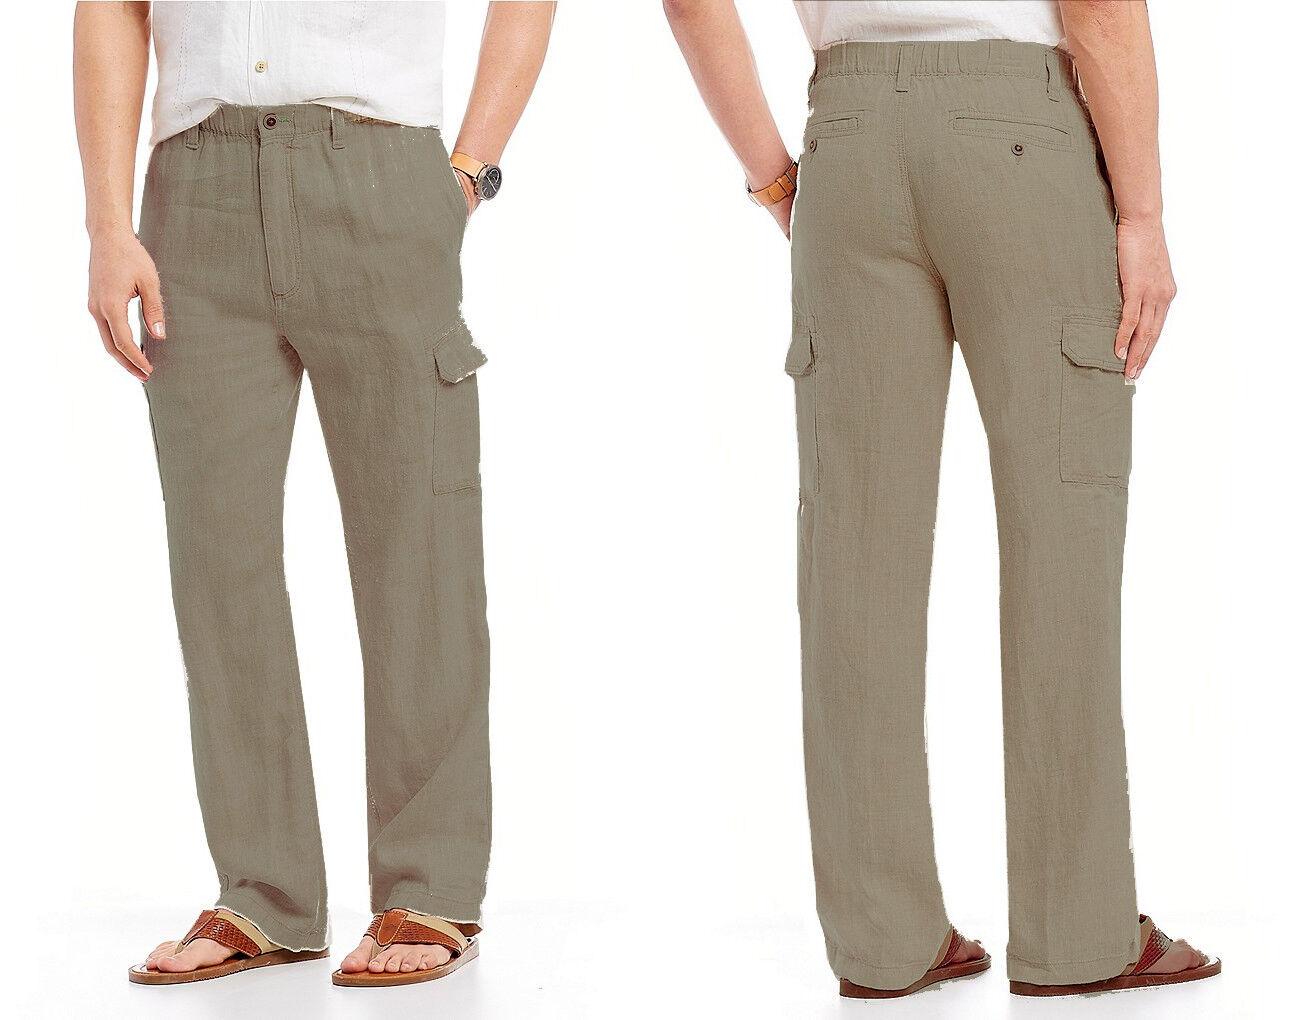 Caribbean Roundtree & Yorke Men's Linen Cargo Elastic Waist Pants in Brownstone